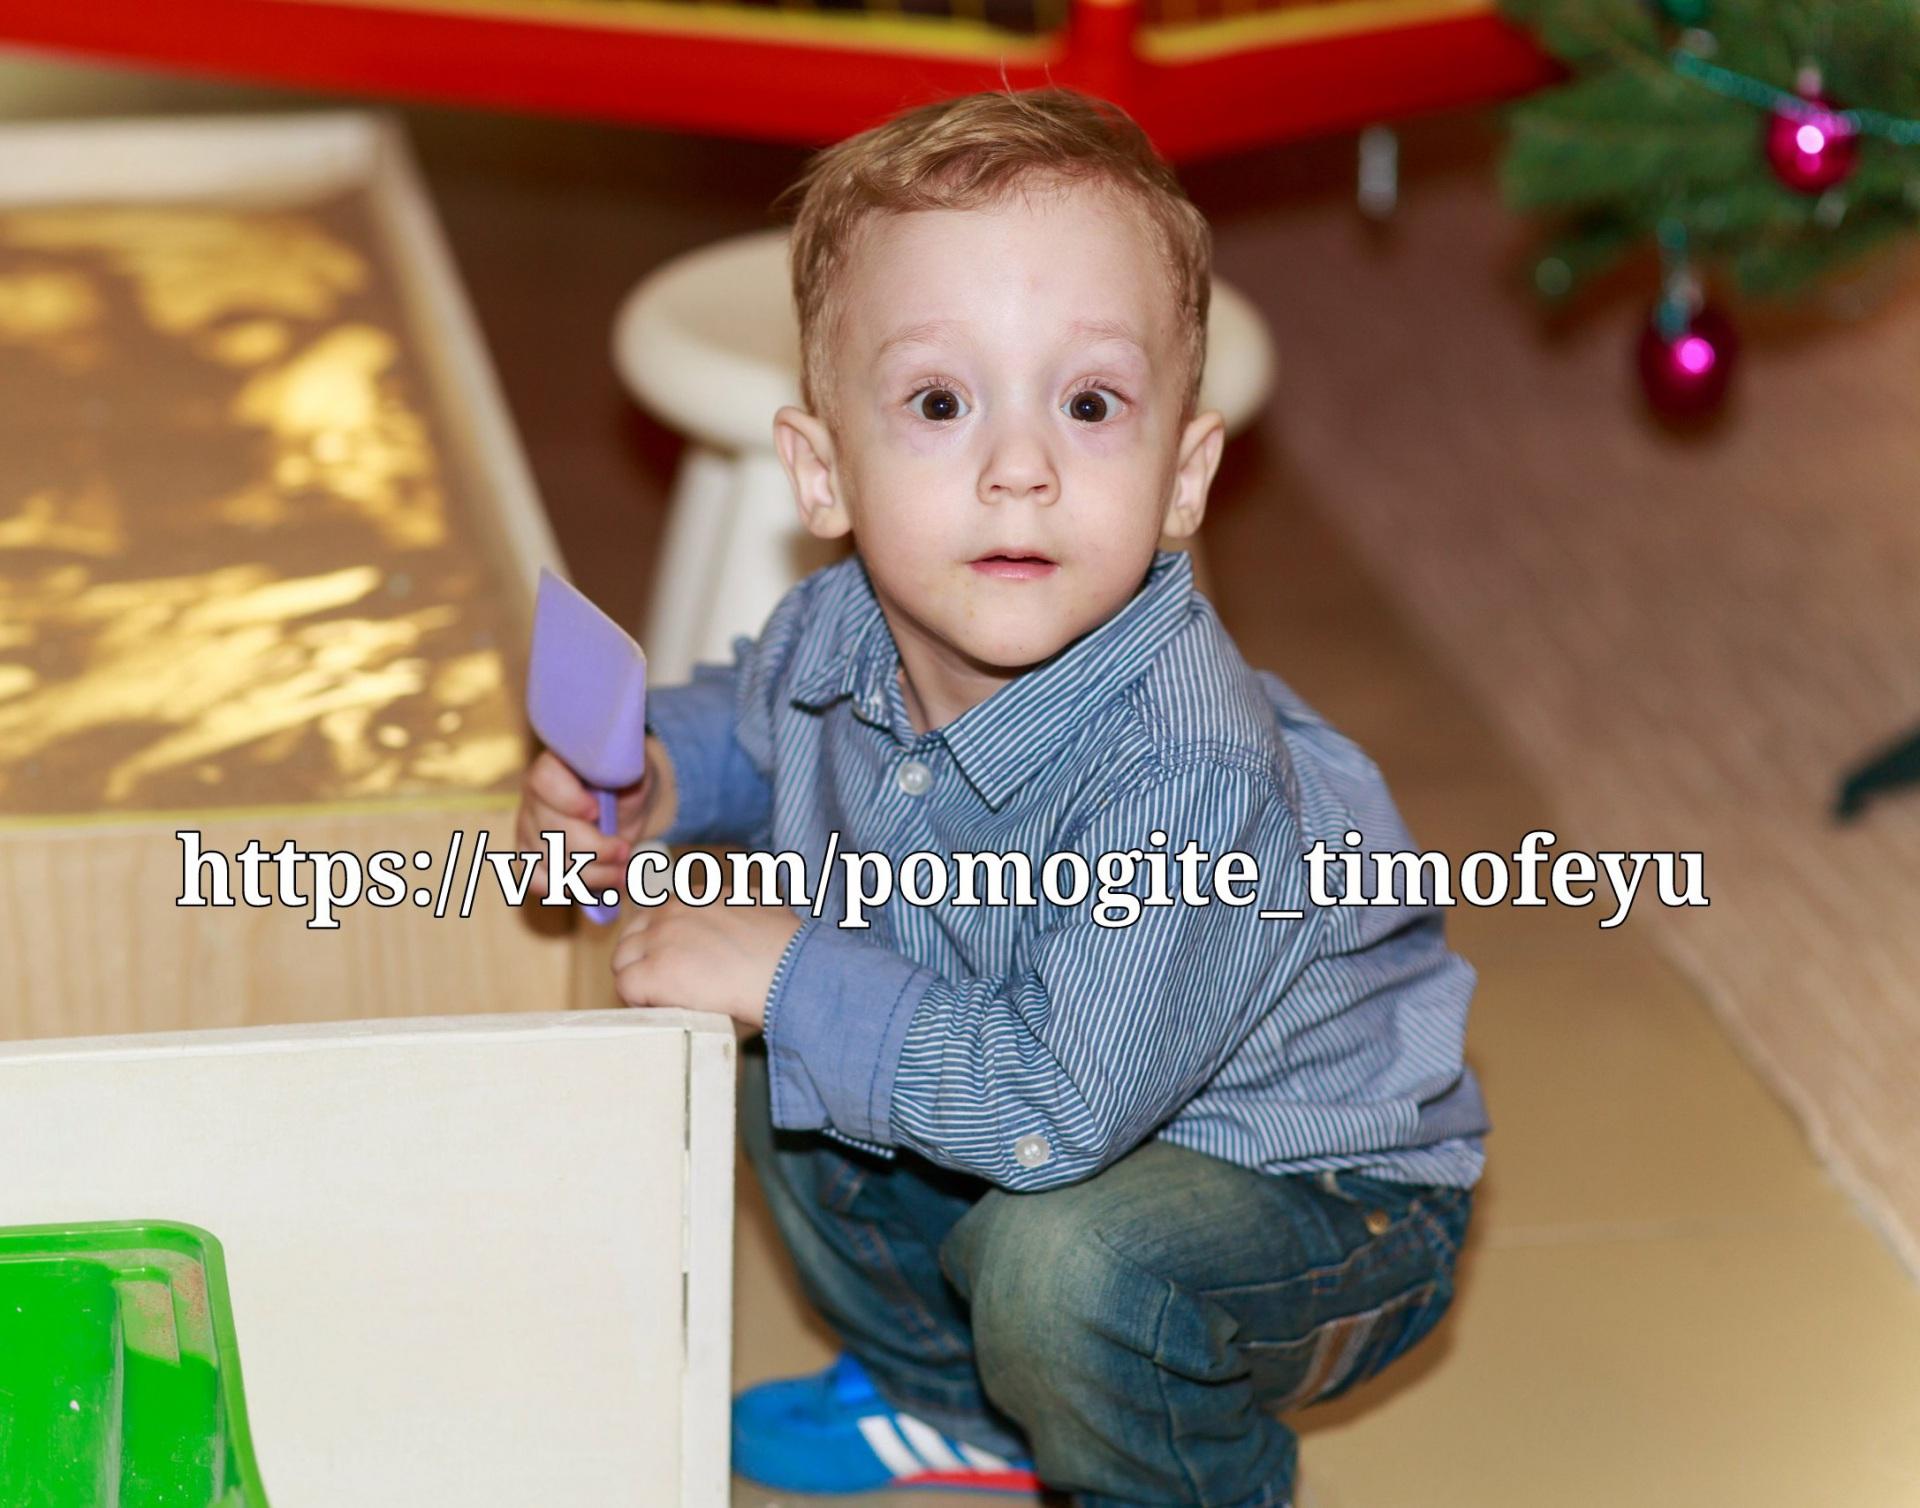 Семье Тимофея Звягинцева из Сыктывкара пришлось уехать на реабилитацию, не собрав нужную сумму